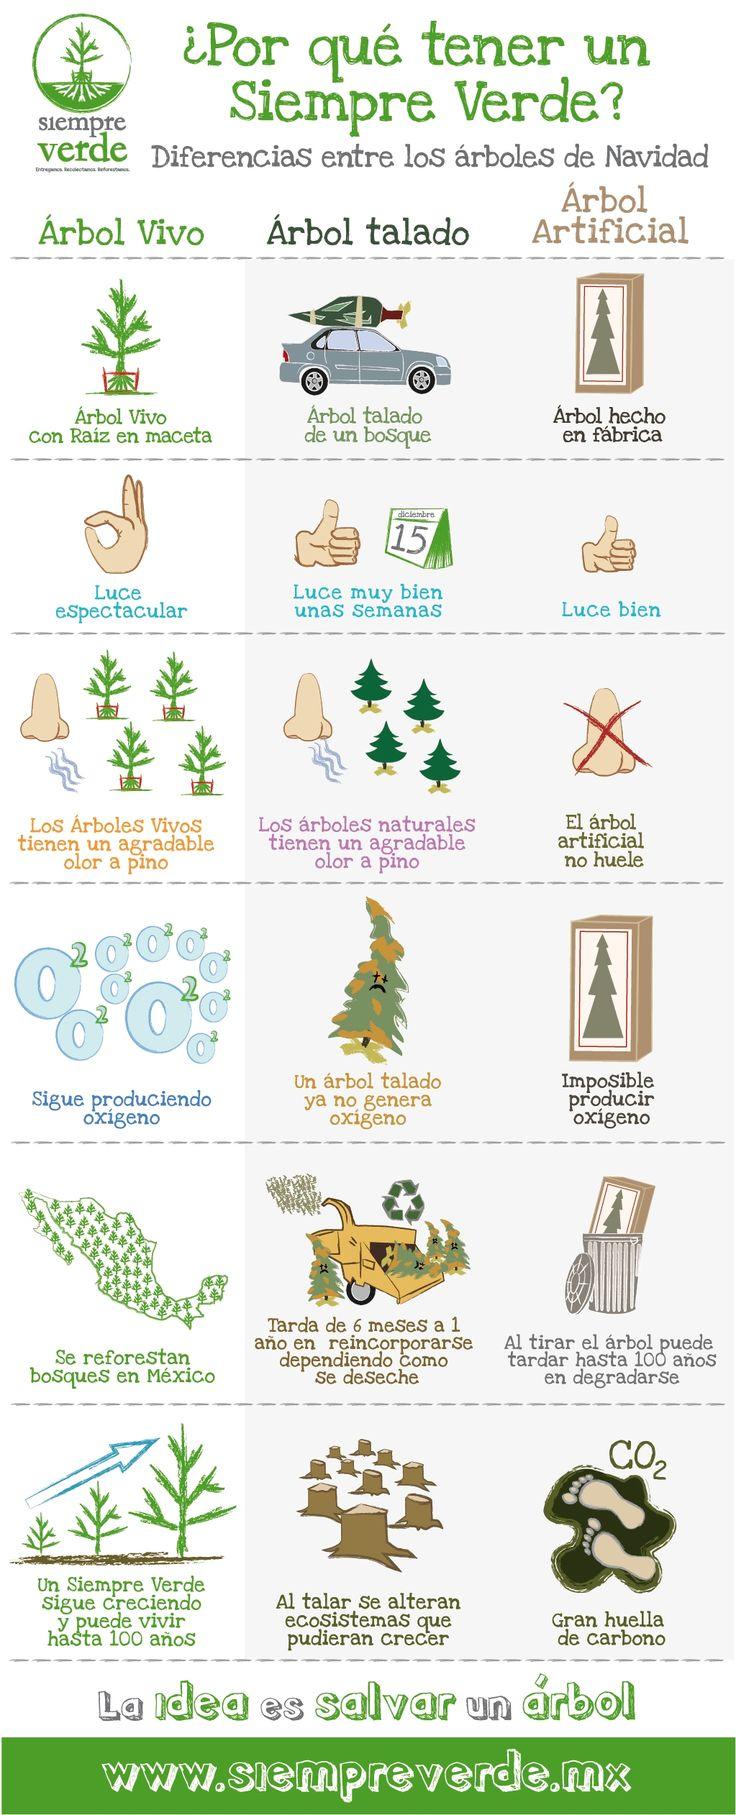 Diferencias entre un árbol de Navidad Vivo, uno talado y uno artificial